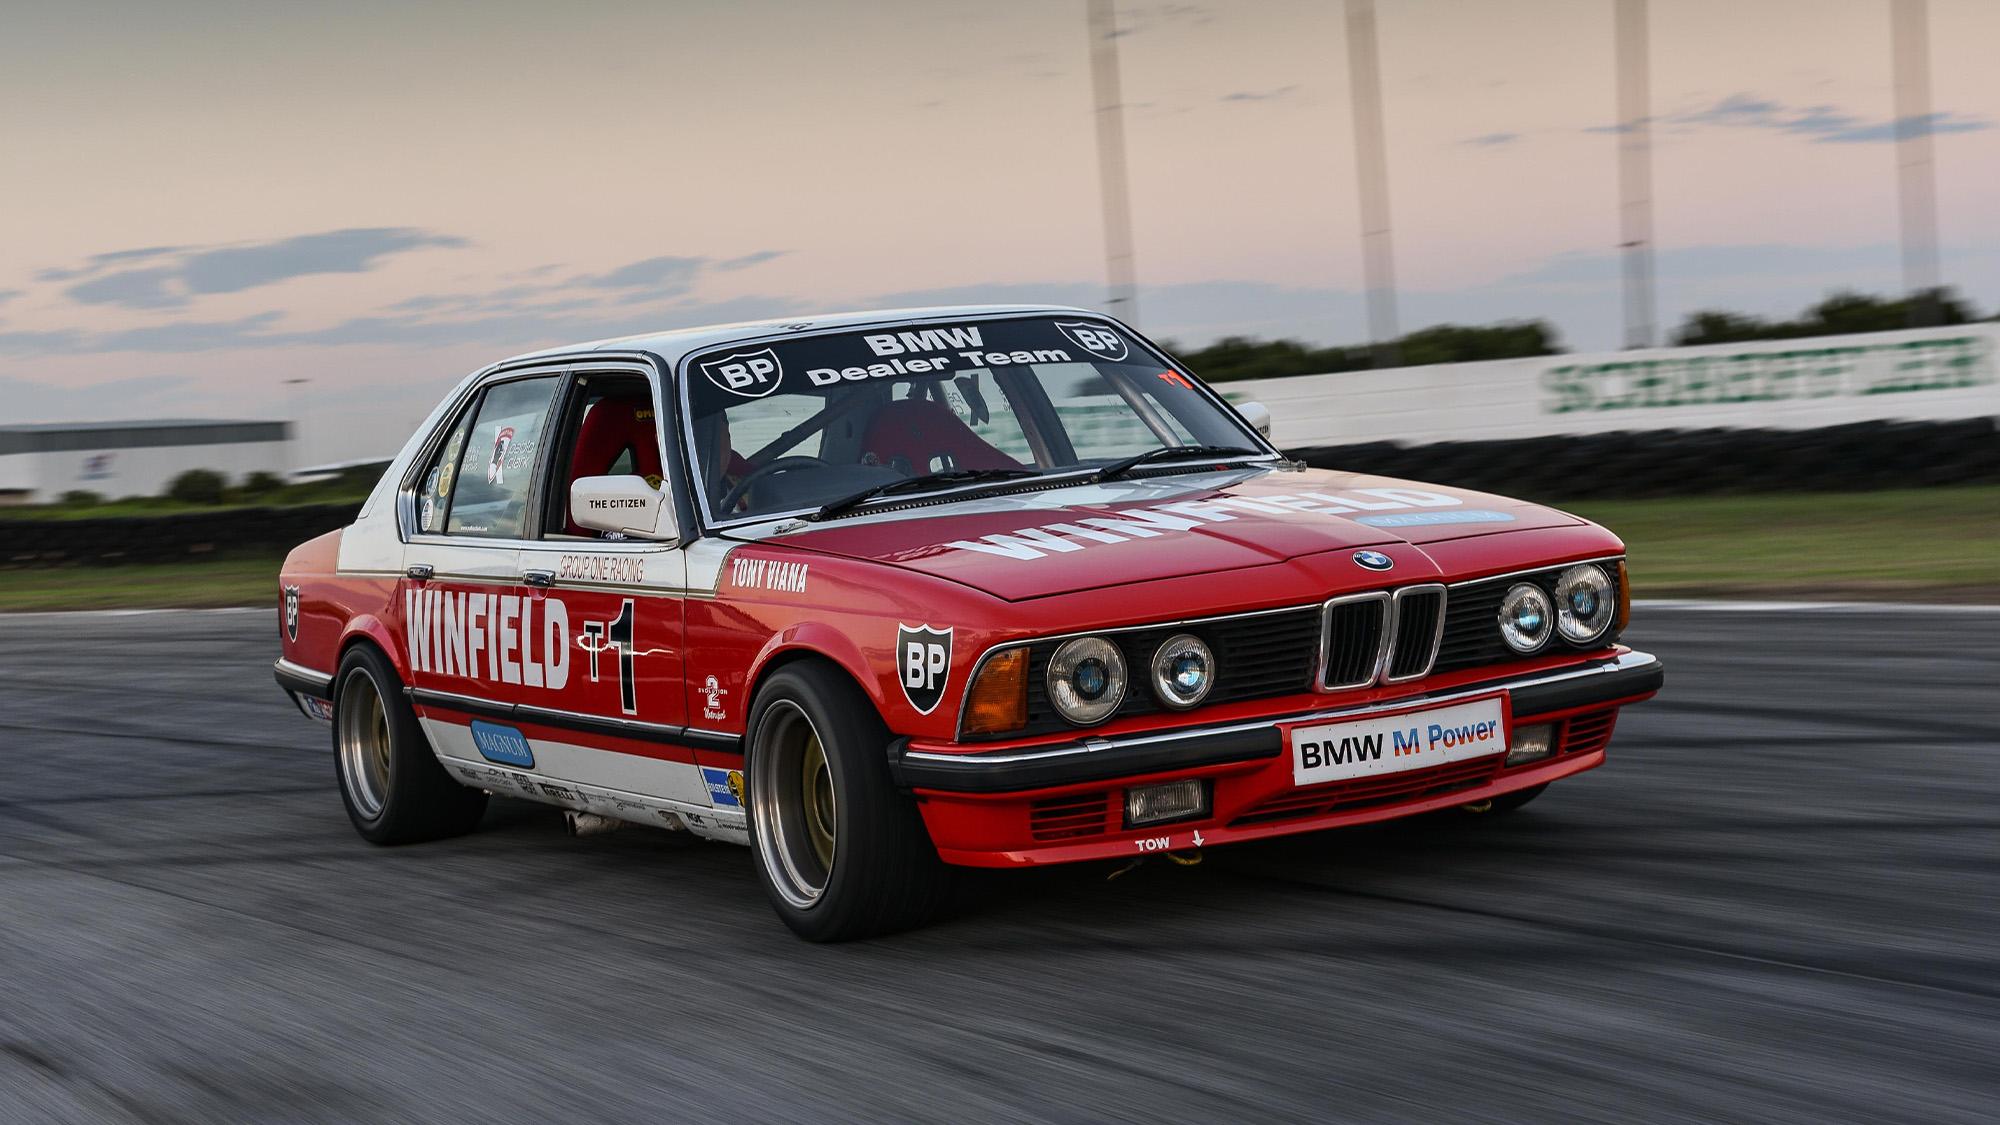 BMW 745i racing car